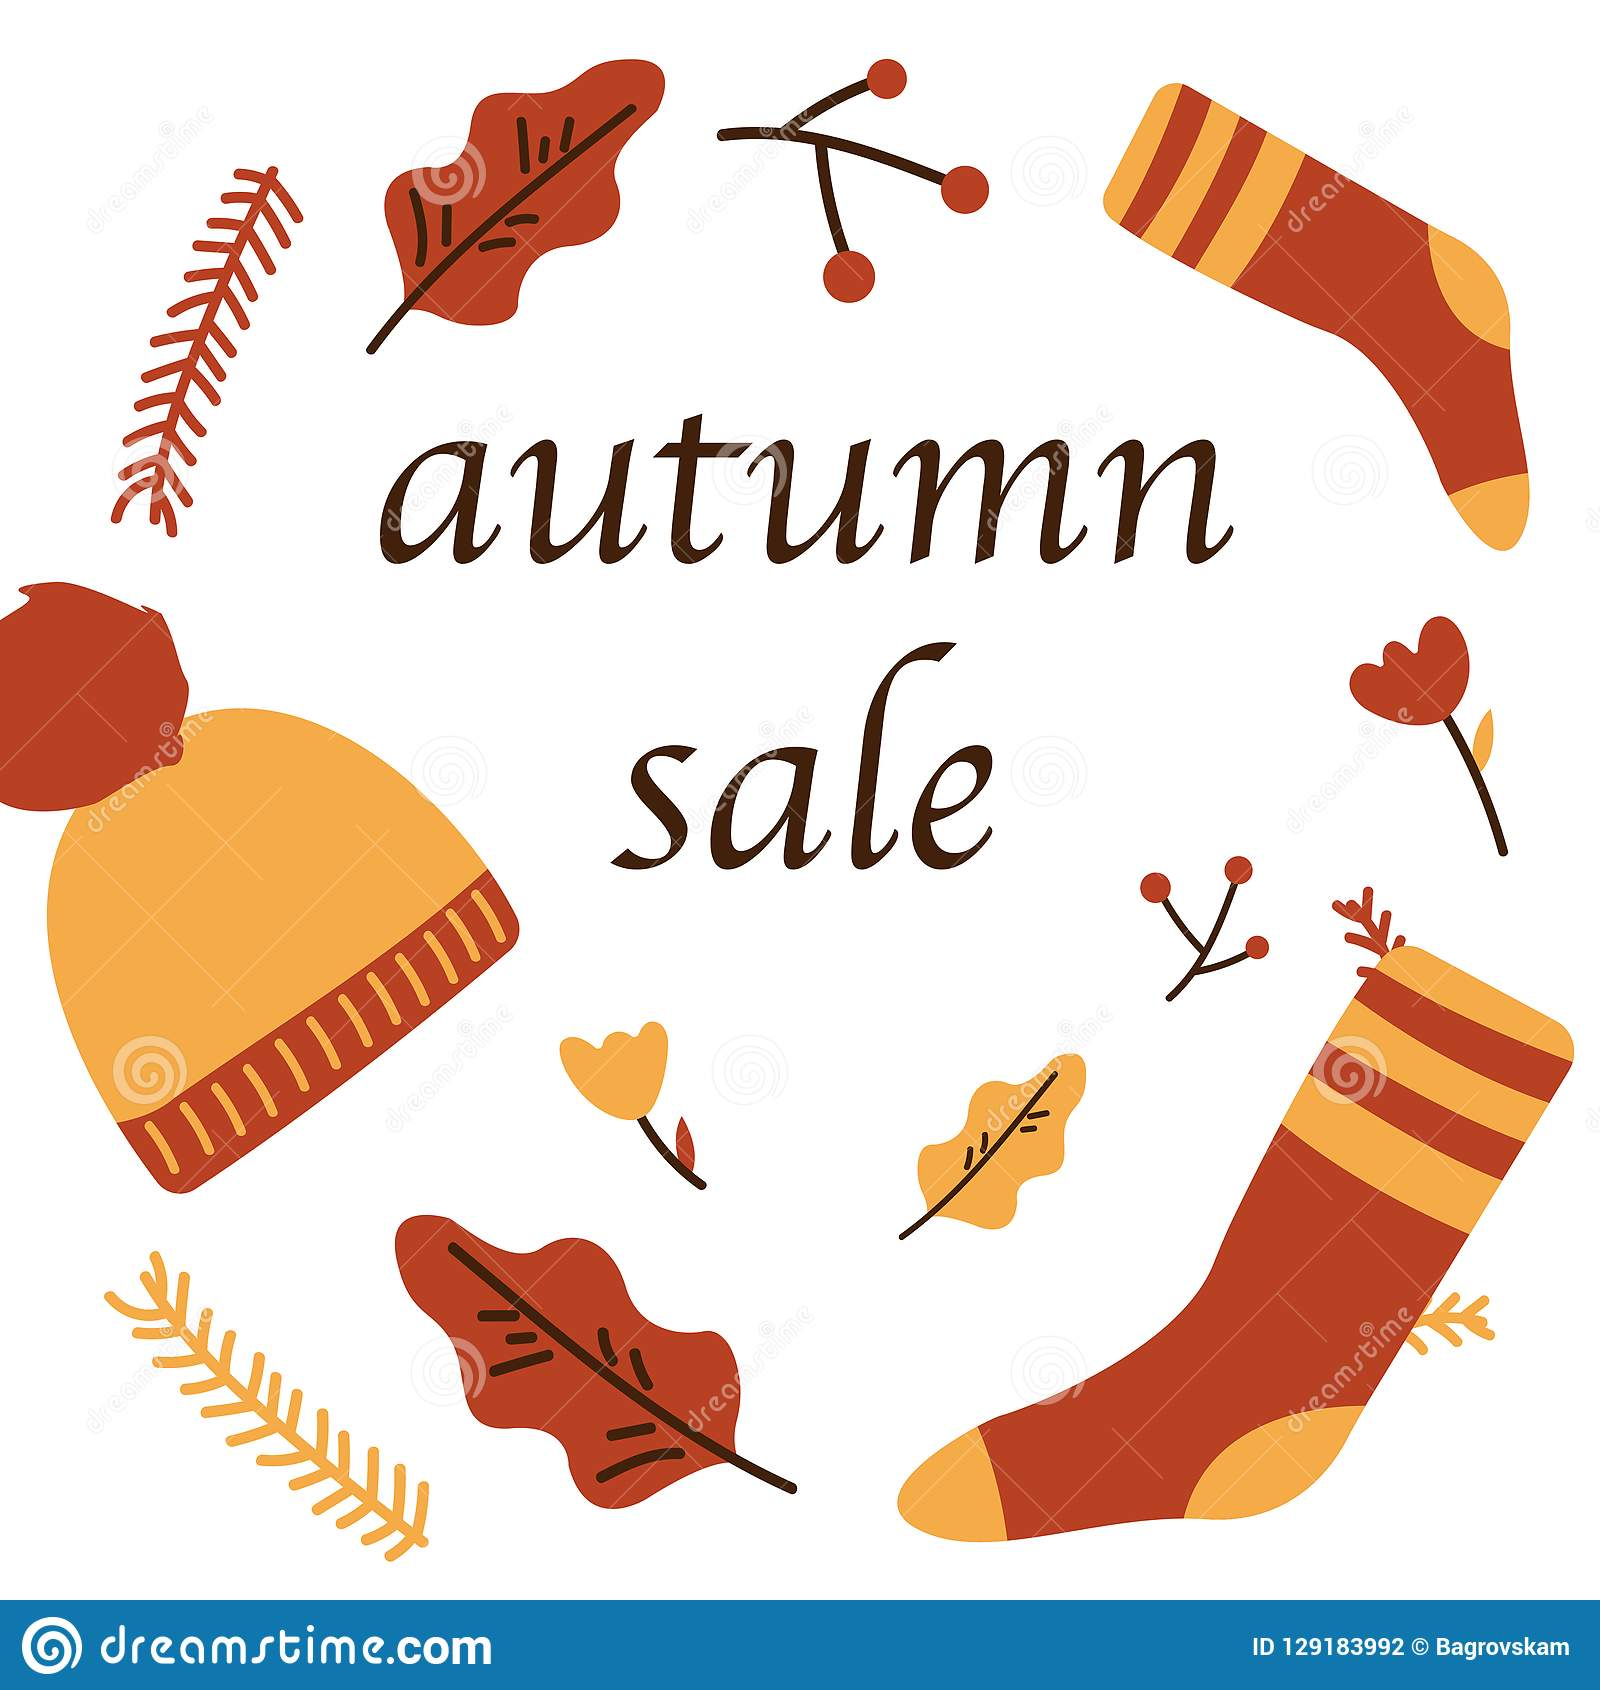 De affiche van de de herfstverkoop van het Webbanner van kortingspromo voor het herfst seizoengebonden winkelen van de vector van